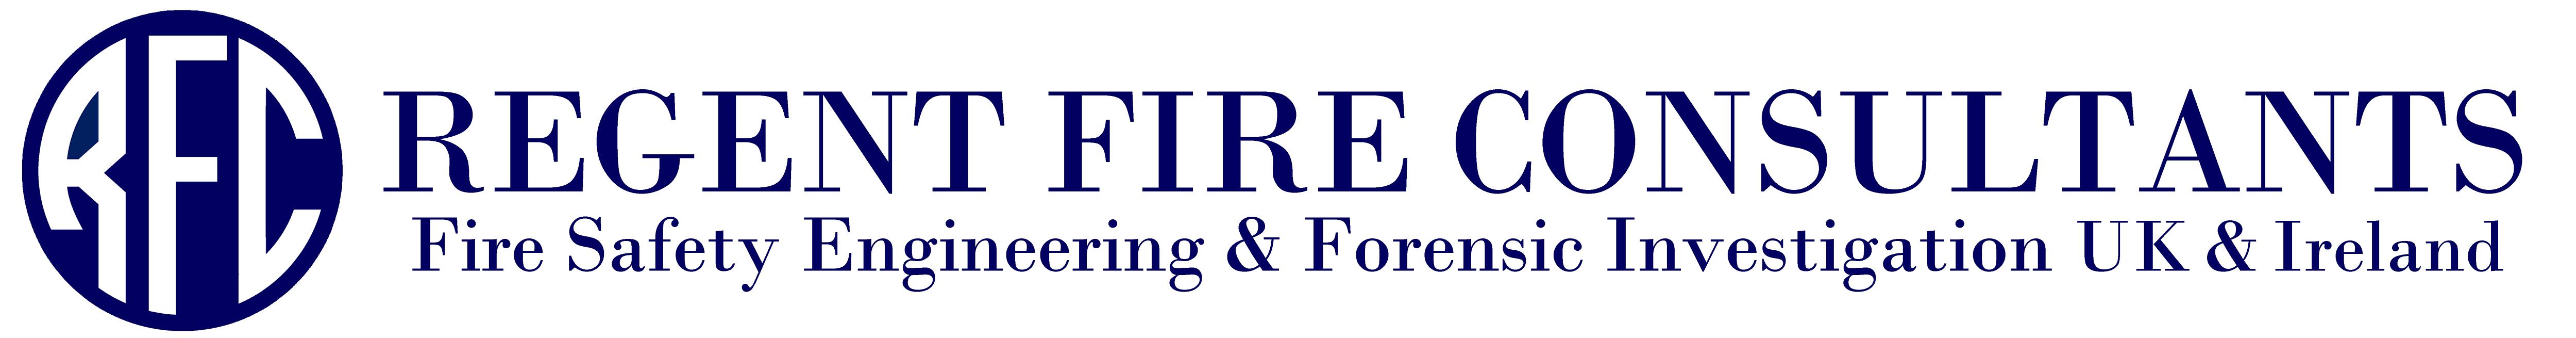 Regent Fire Consultants, UK & Ireland